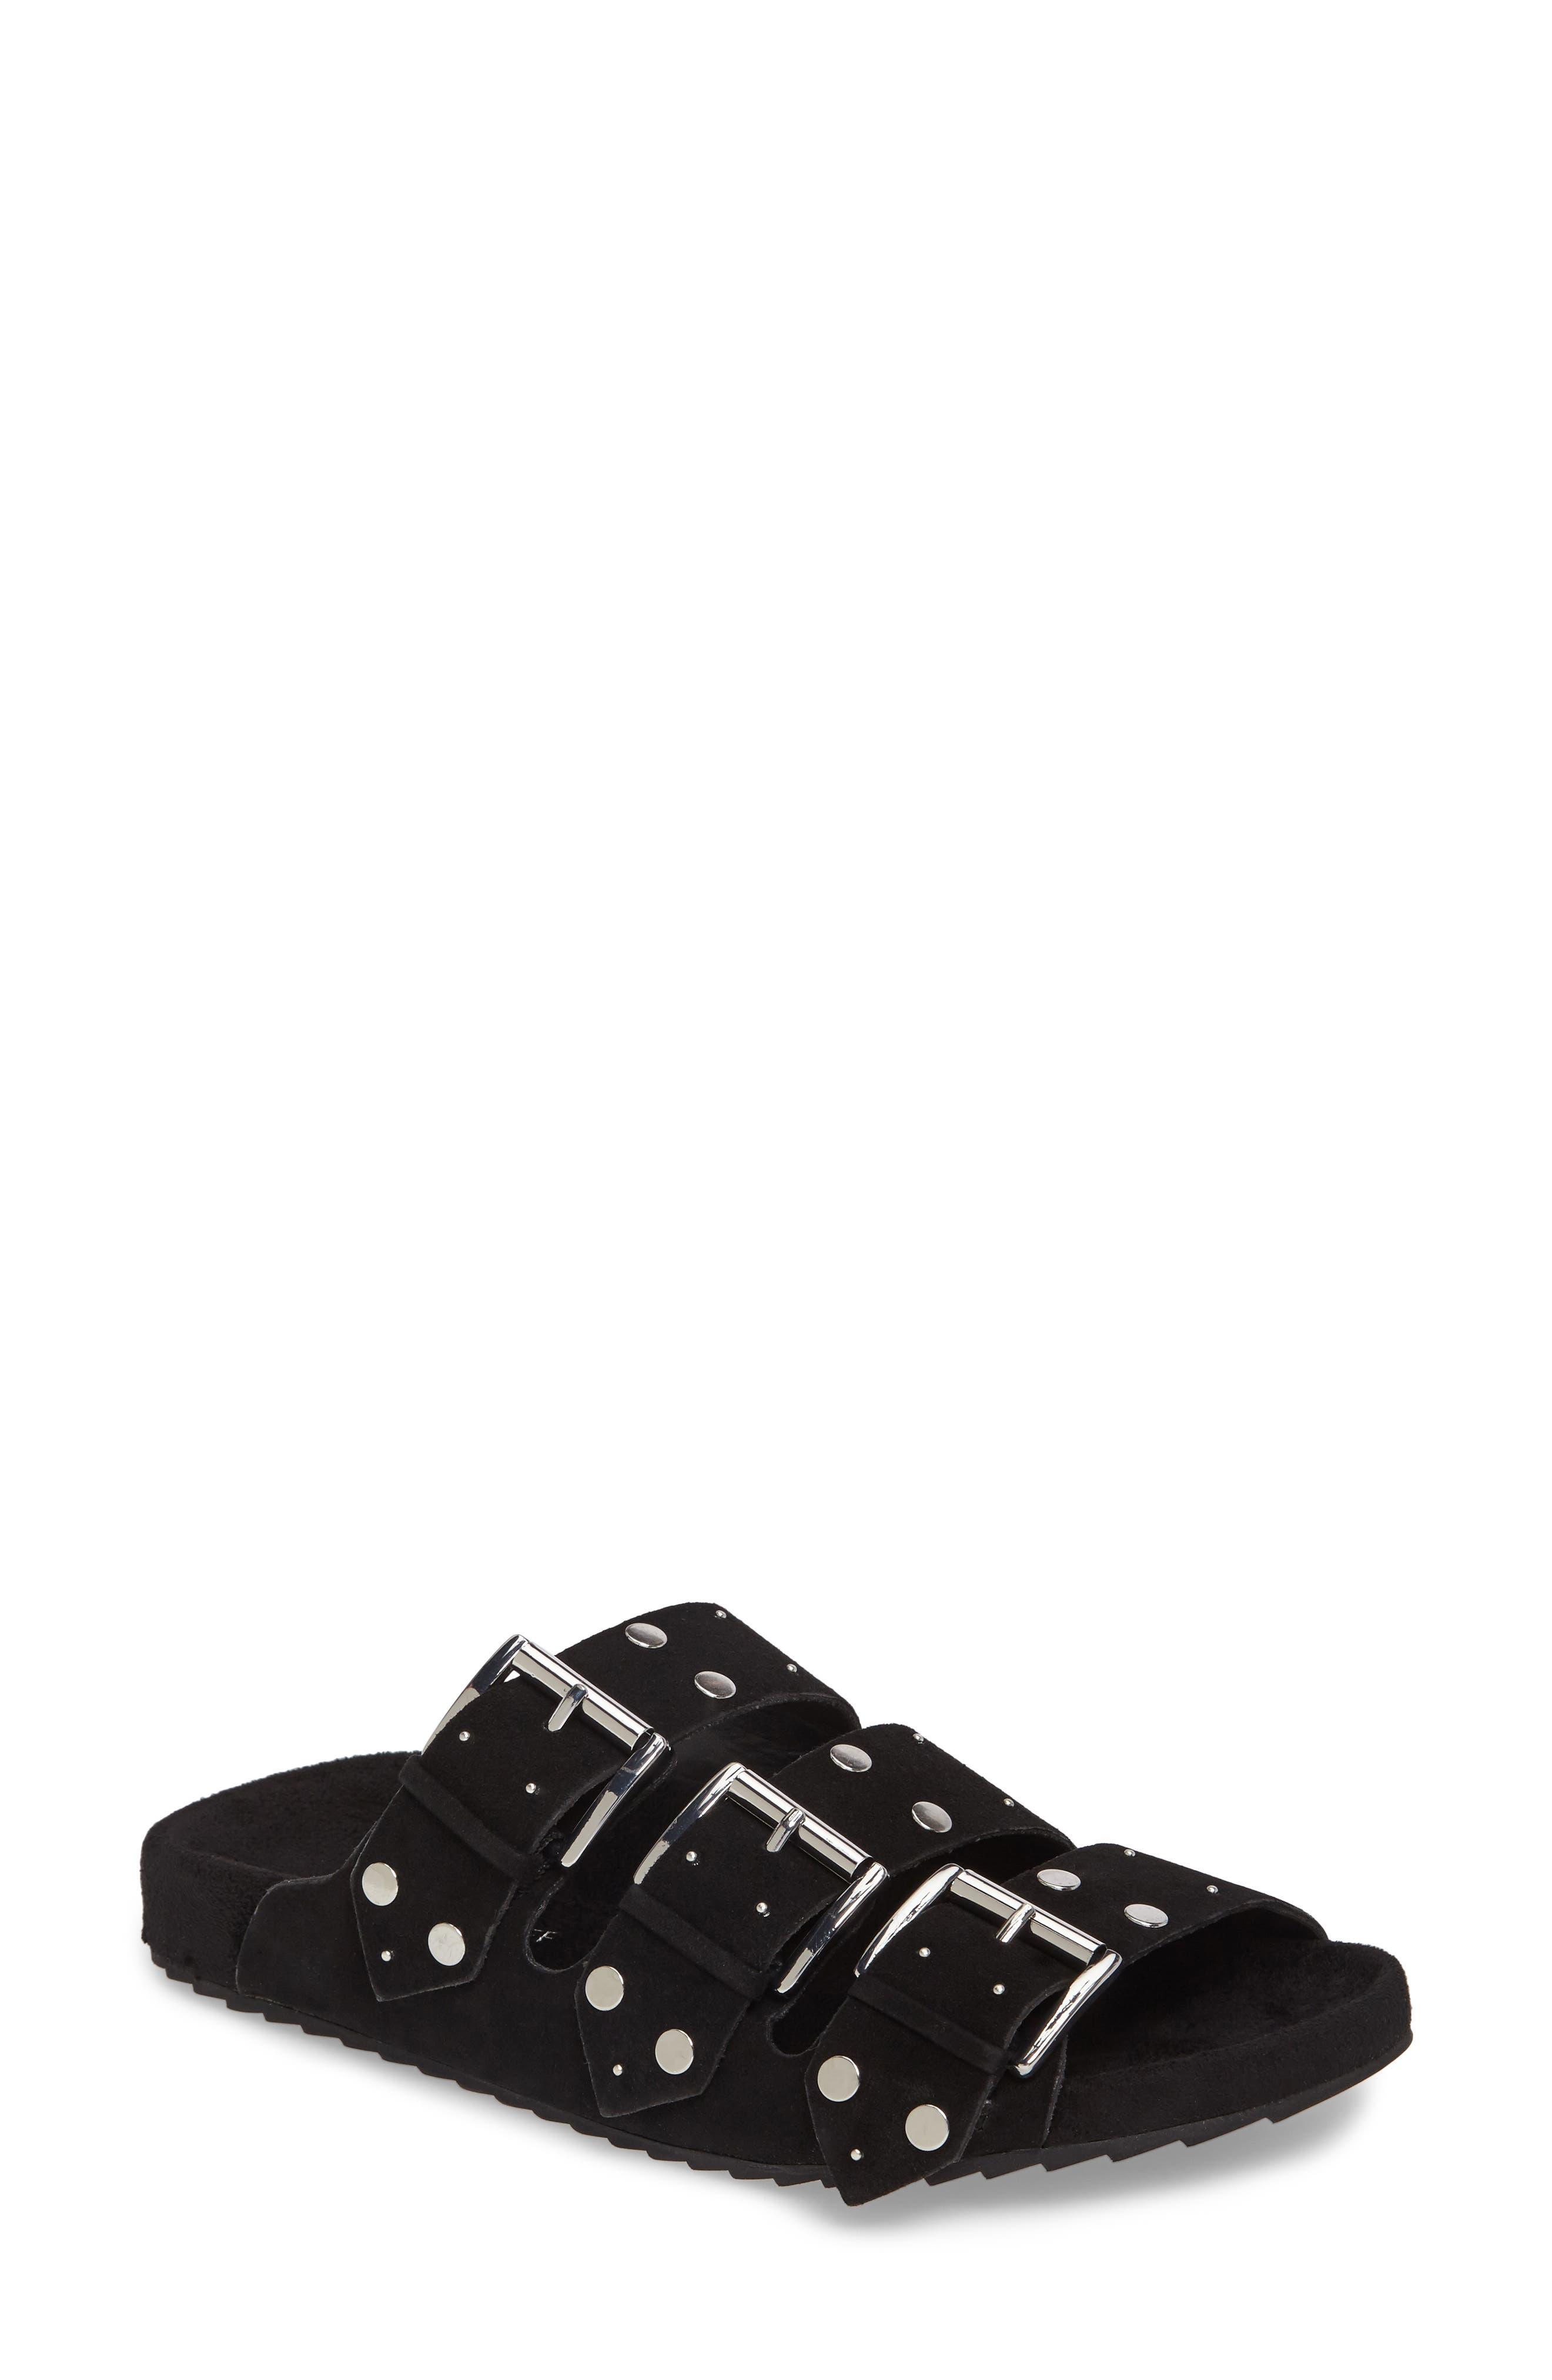 Tania Slide Sandal,                         Main,                         color, Black